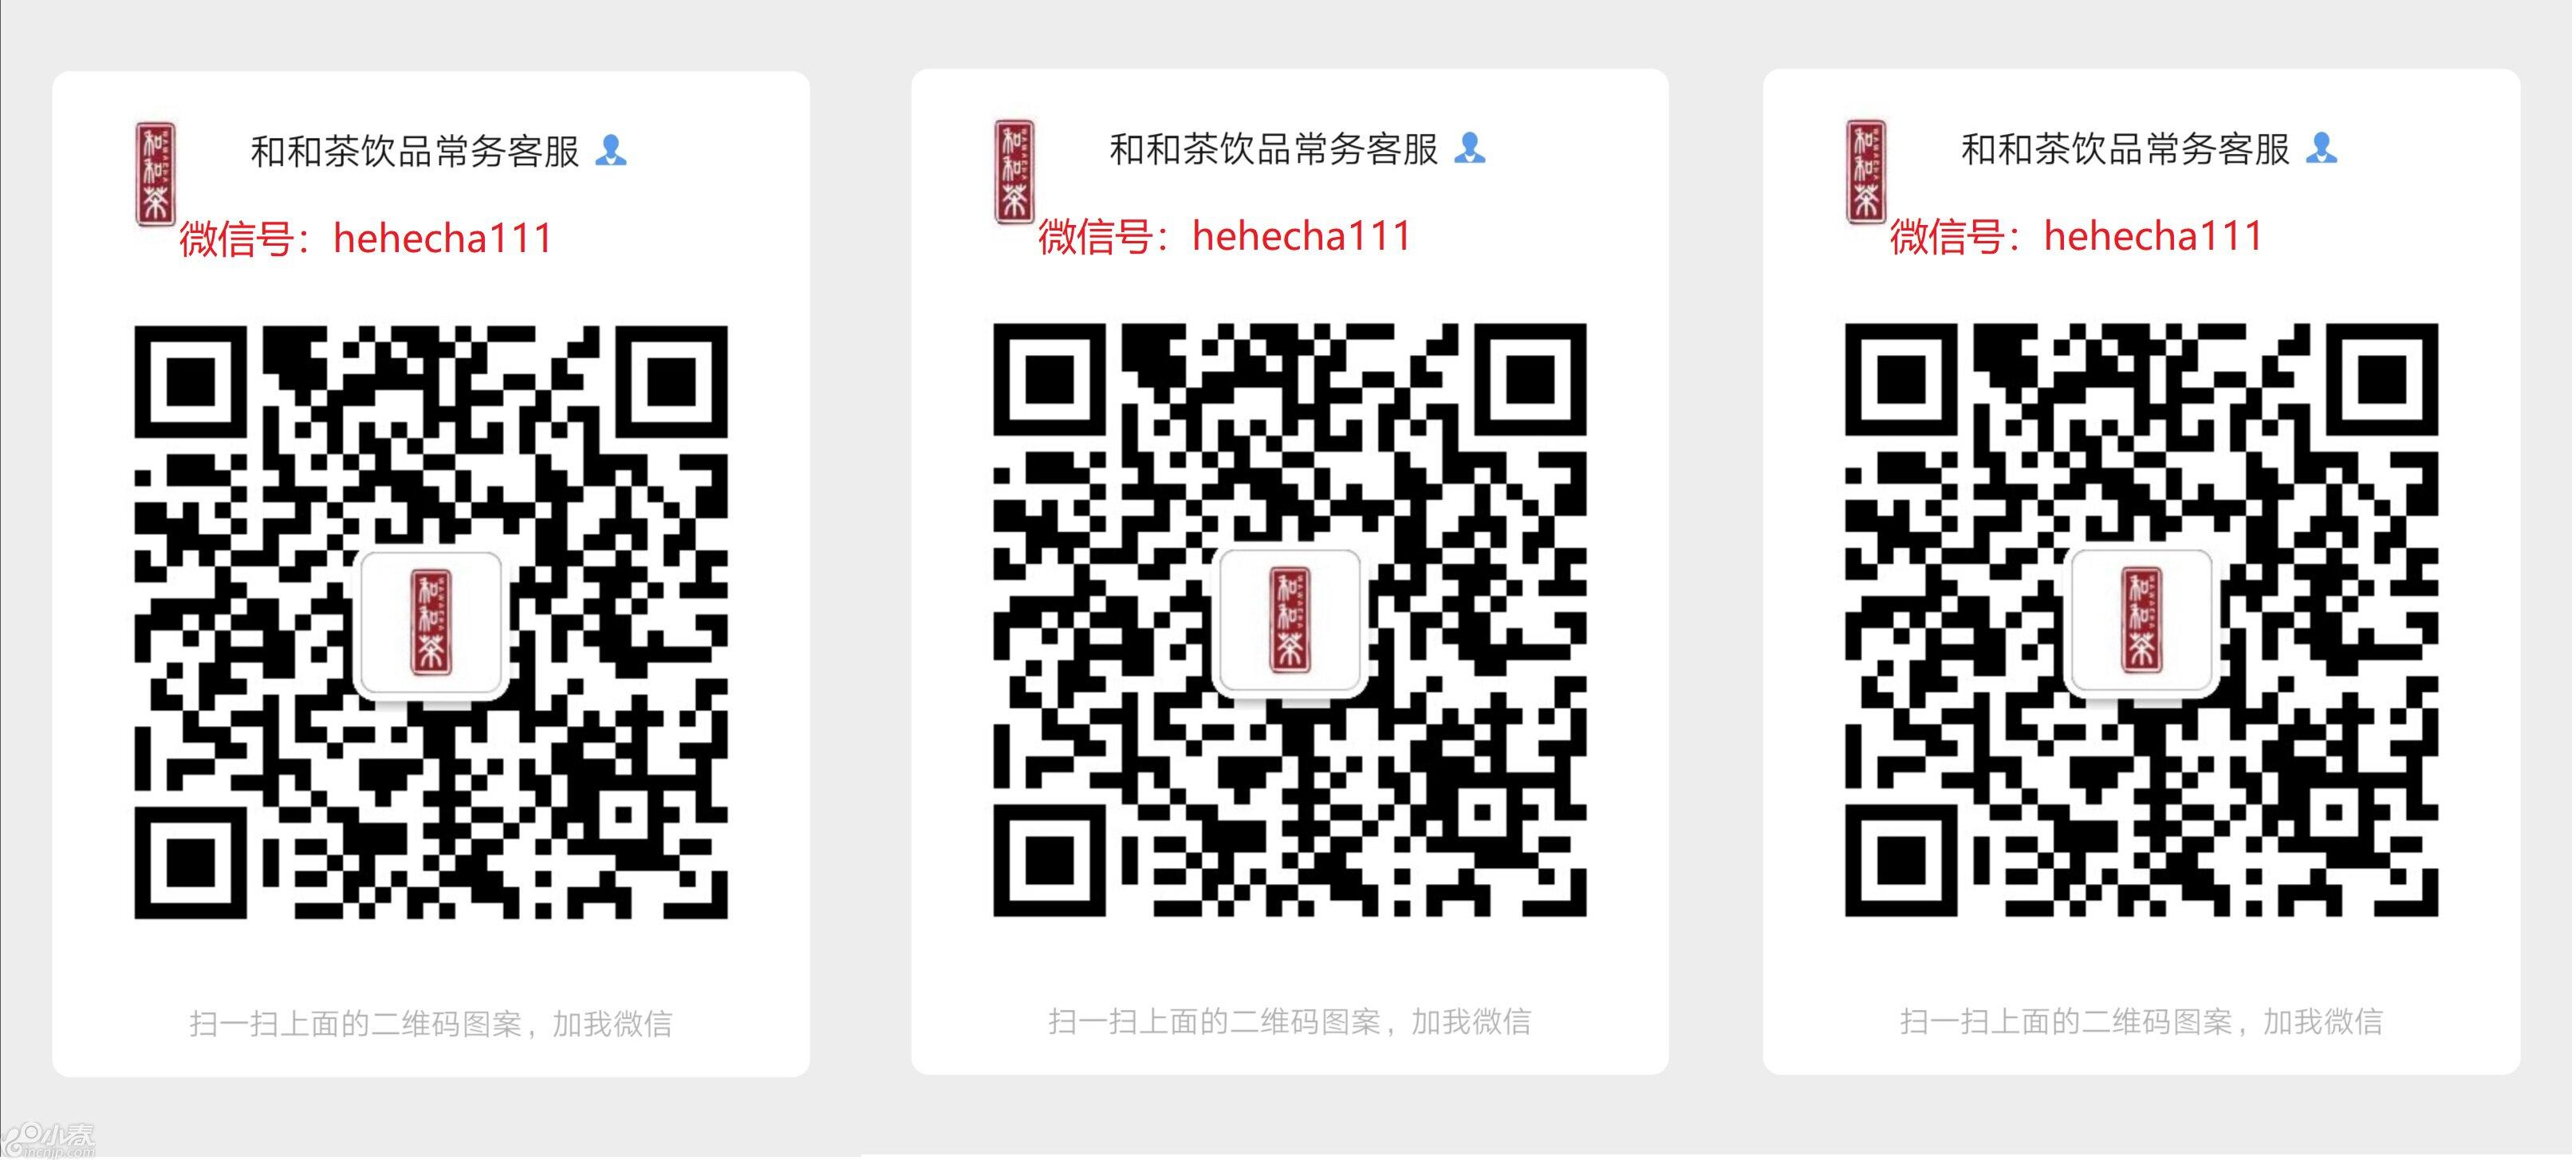 微信图片_20200121120508.jpg